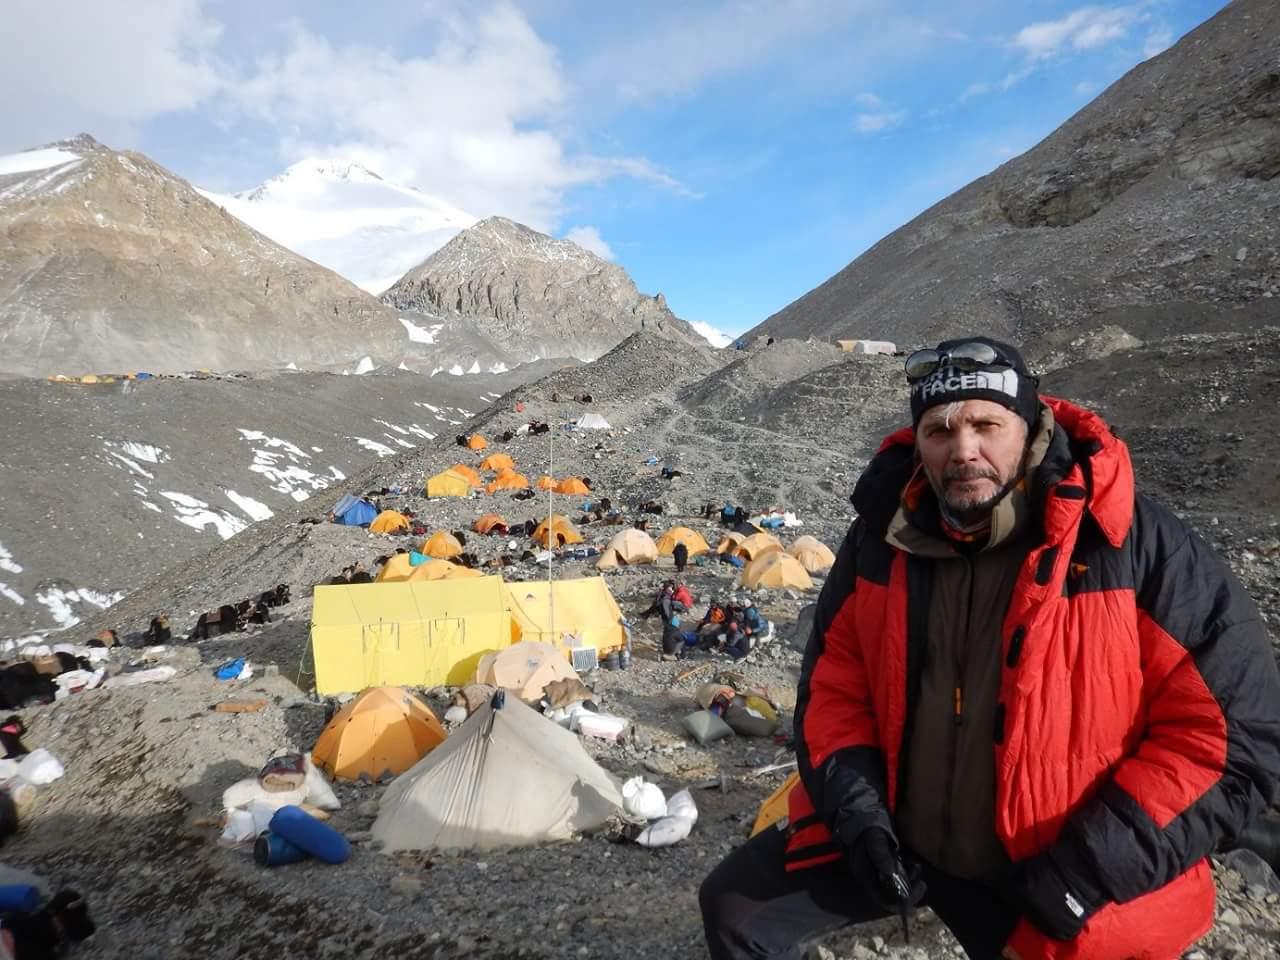 Сергей Ковалёв в Базовом лагере Эвереста